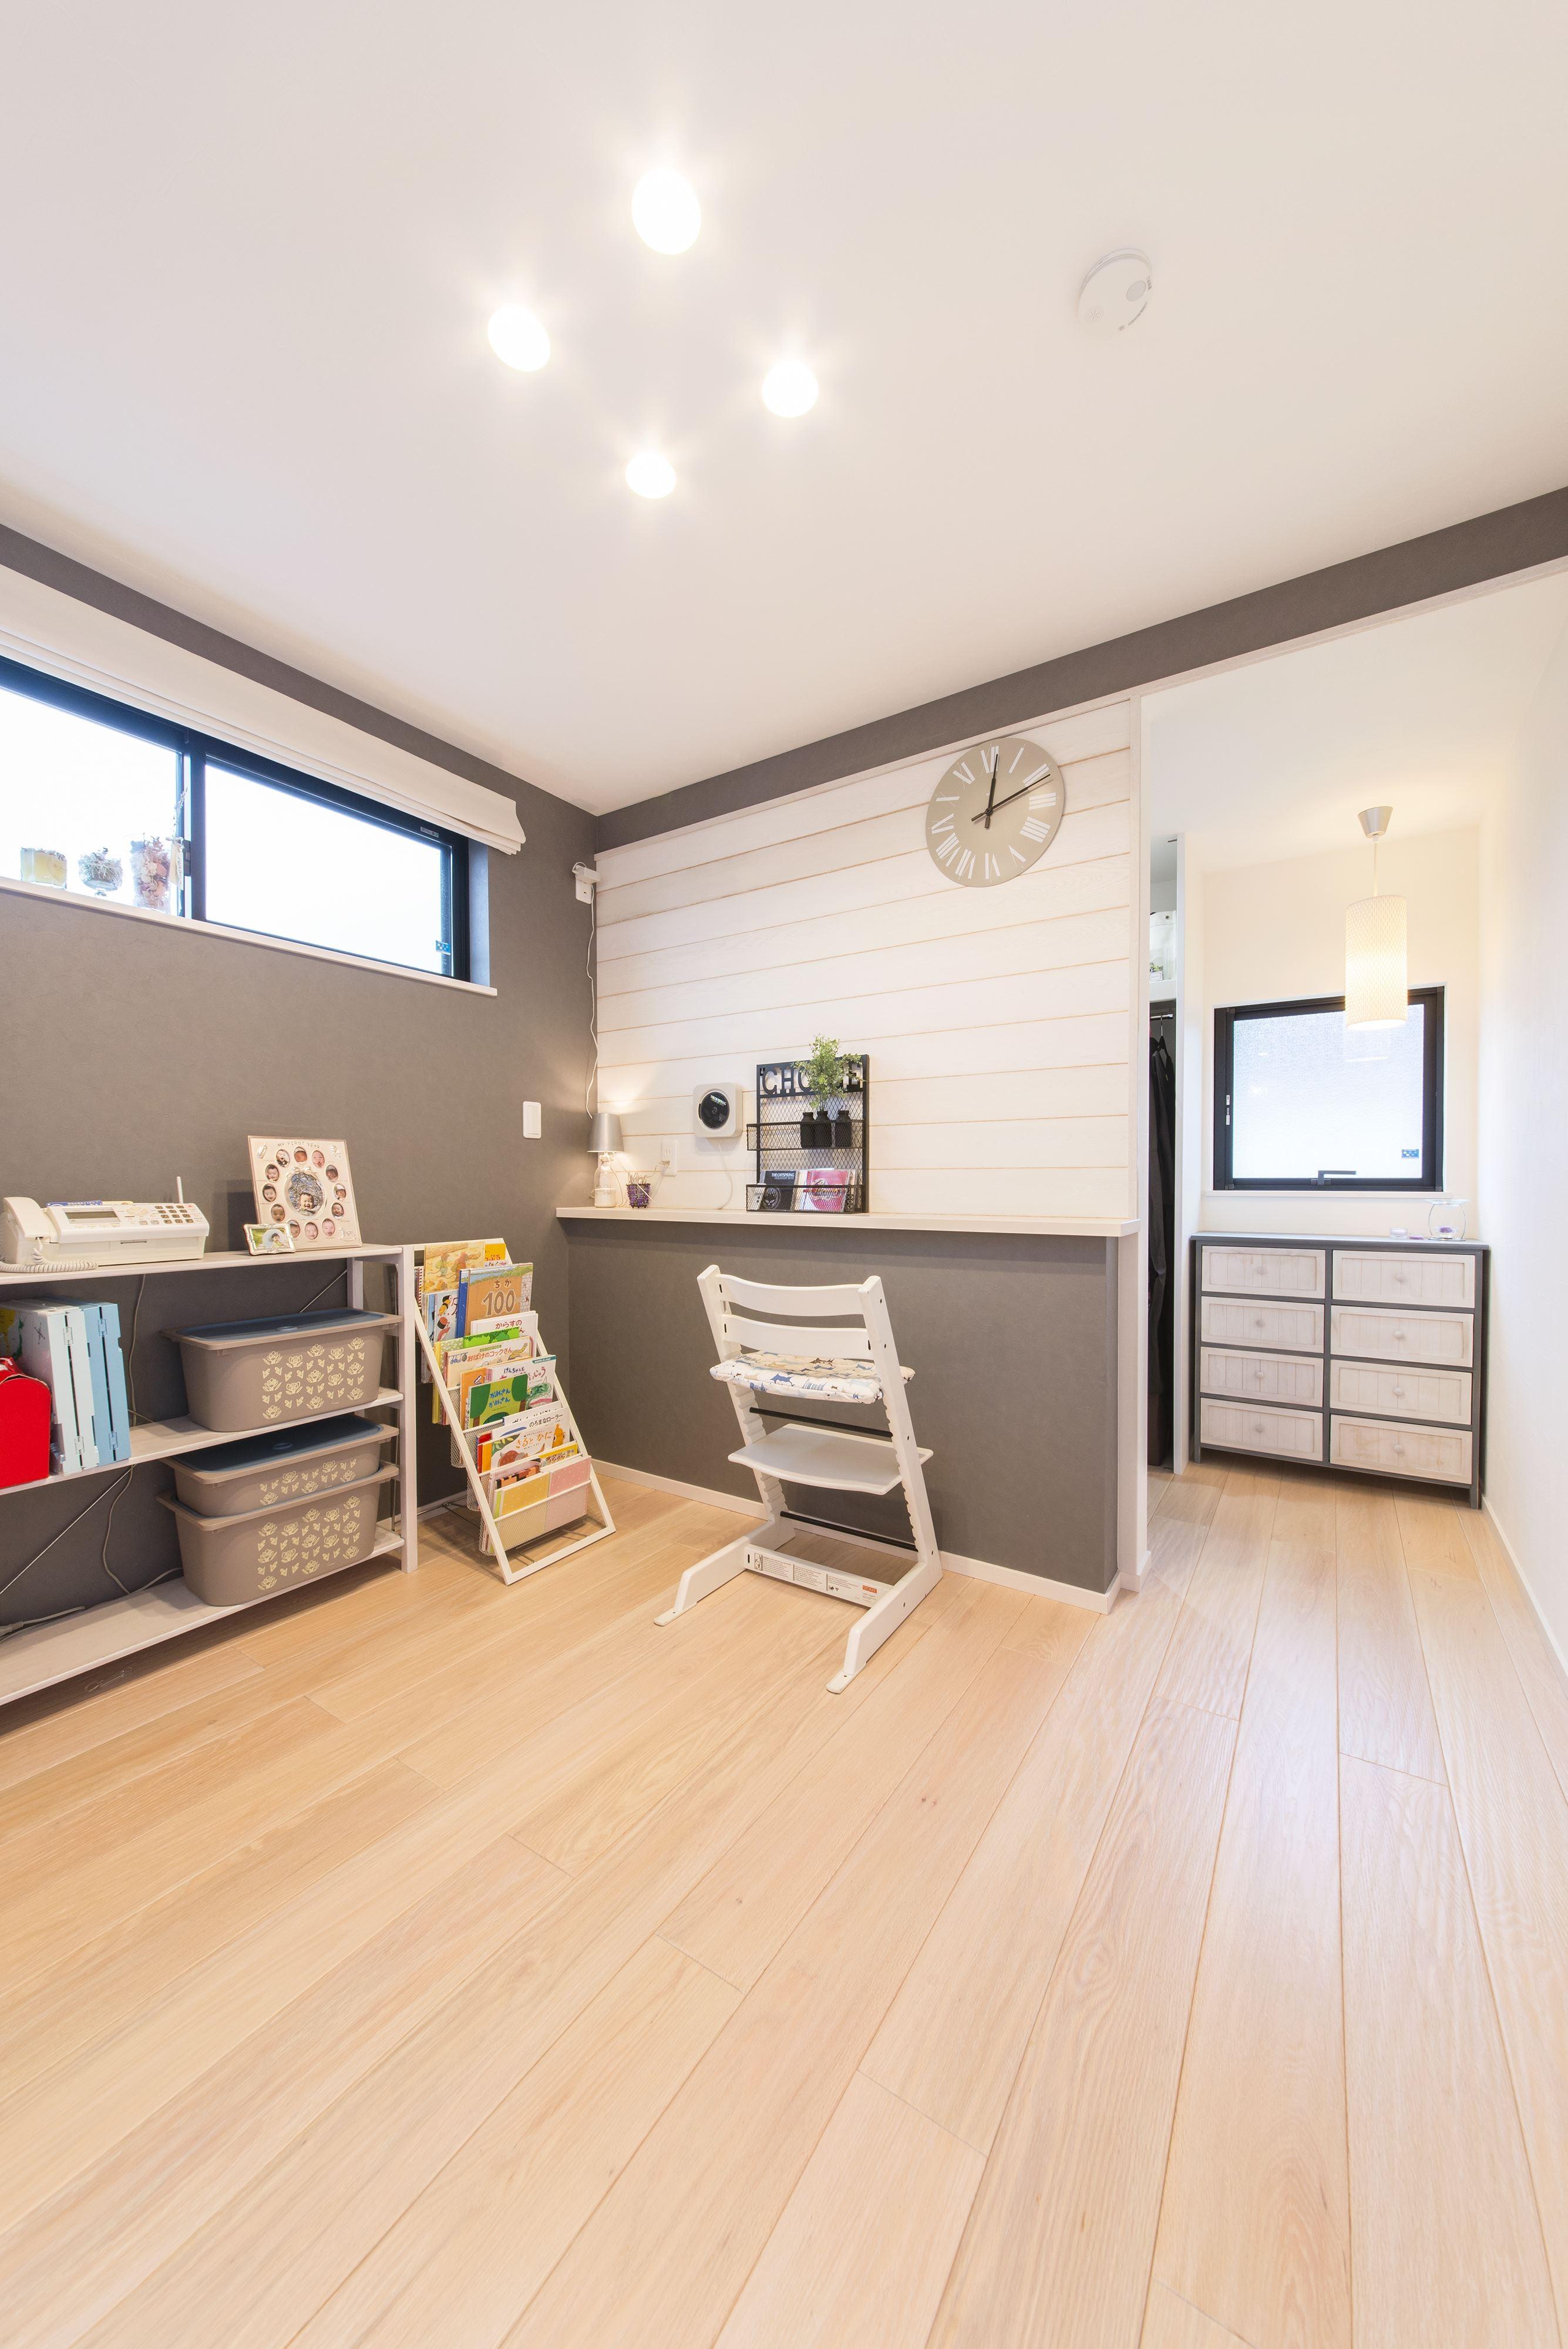 その他事例:明るい印象の2階の寝室(2階を増築して、デザイン性の高い上下分離型の二世帯住宅にリフォーム。)